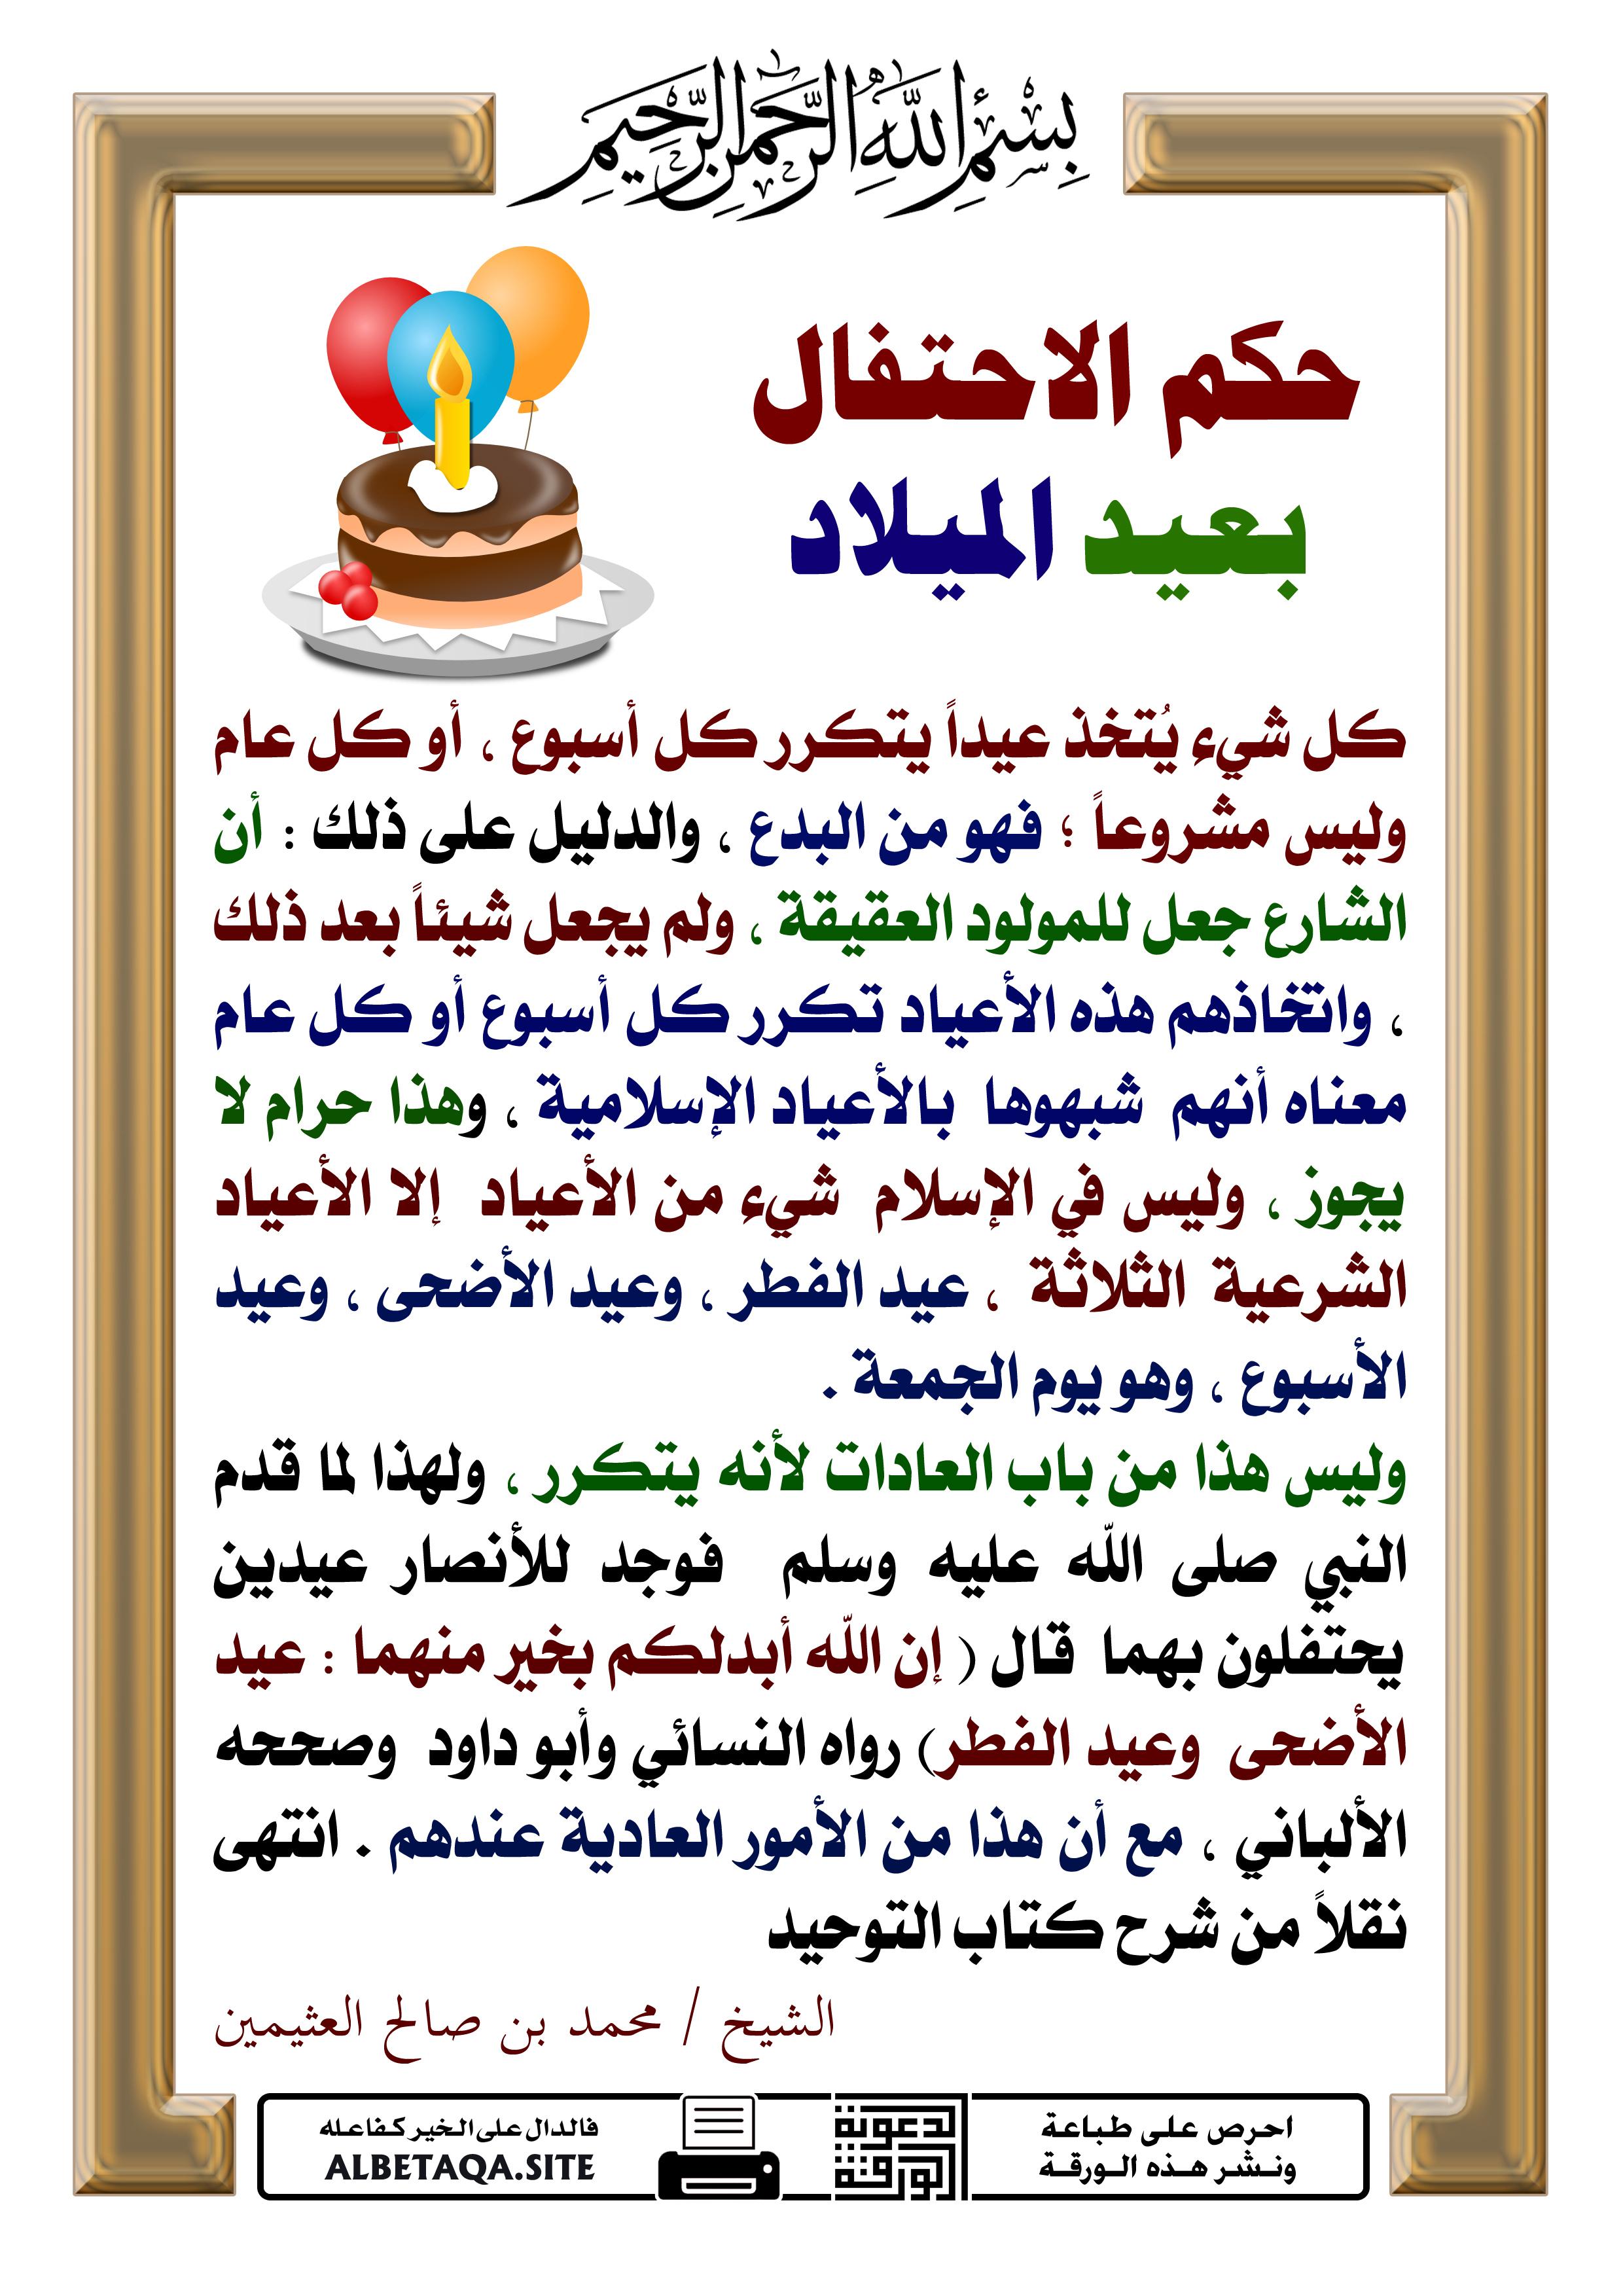 حكم الاحتفال بعيد الميلاد موقع البطاقة الدعوي